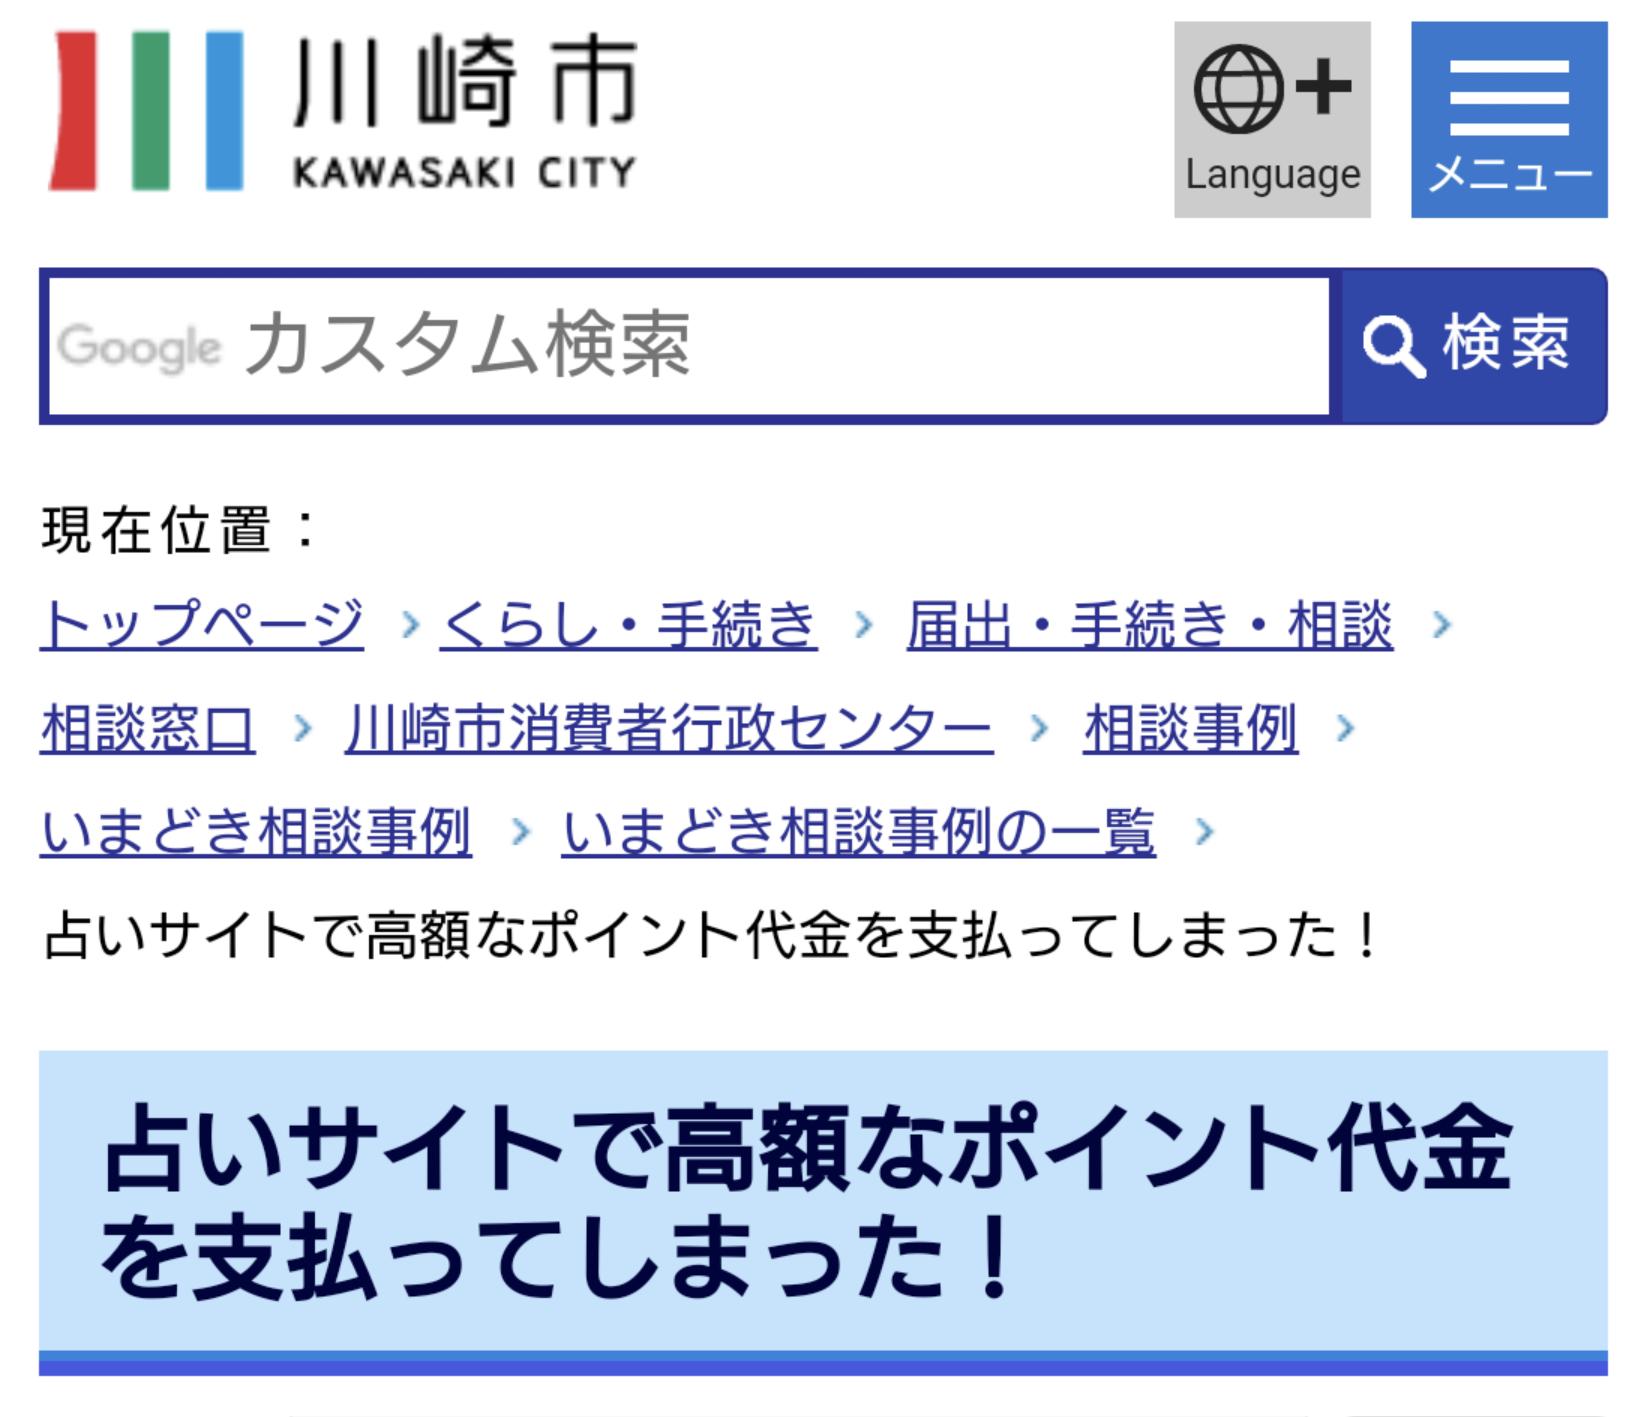 川崎市の占い詐欺被害相談ページ